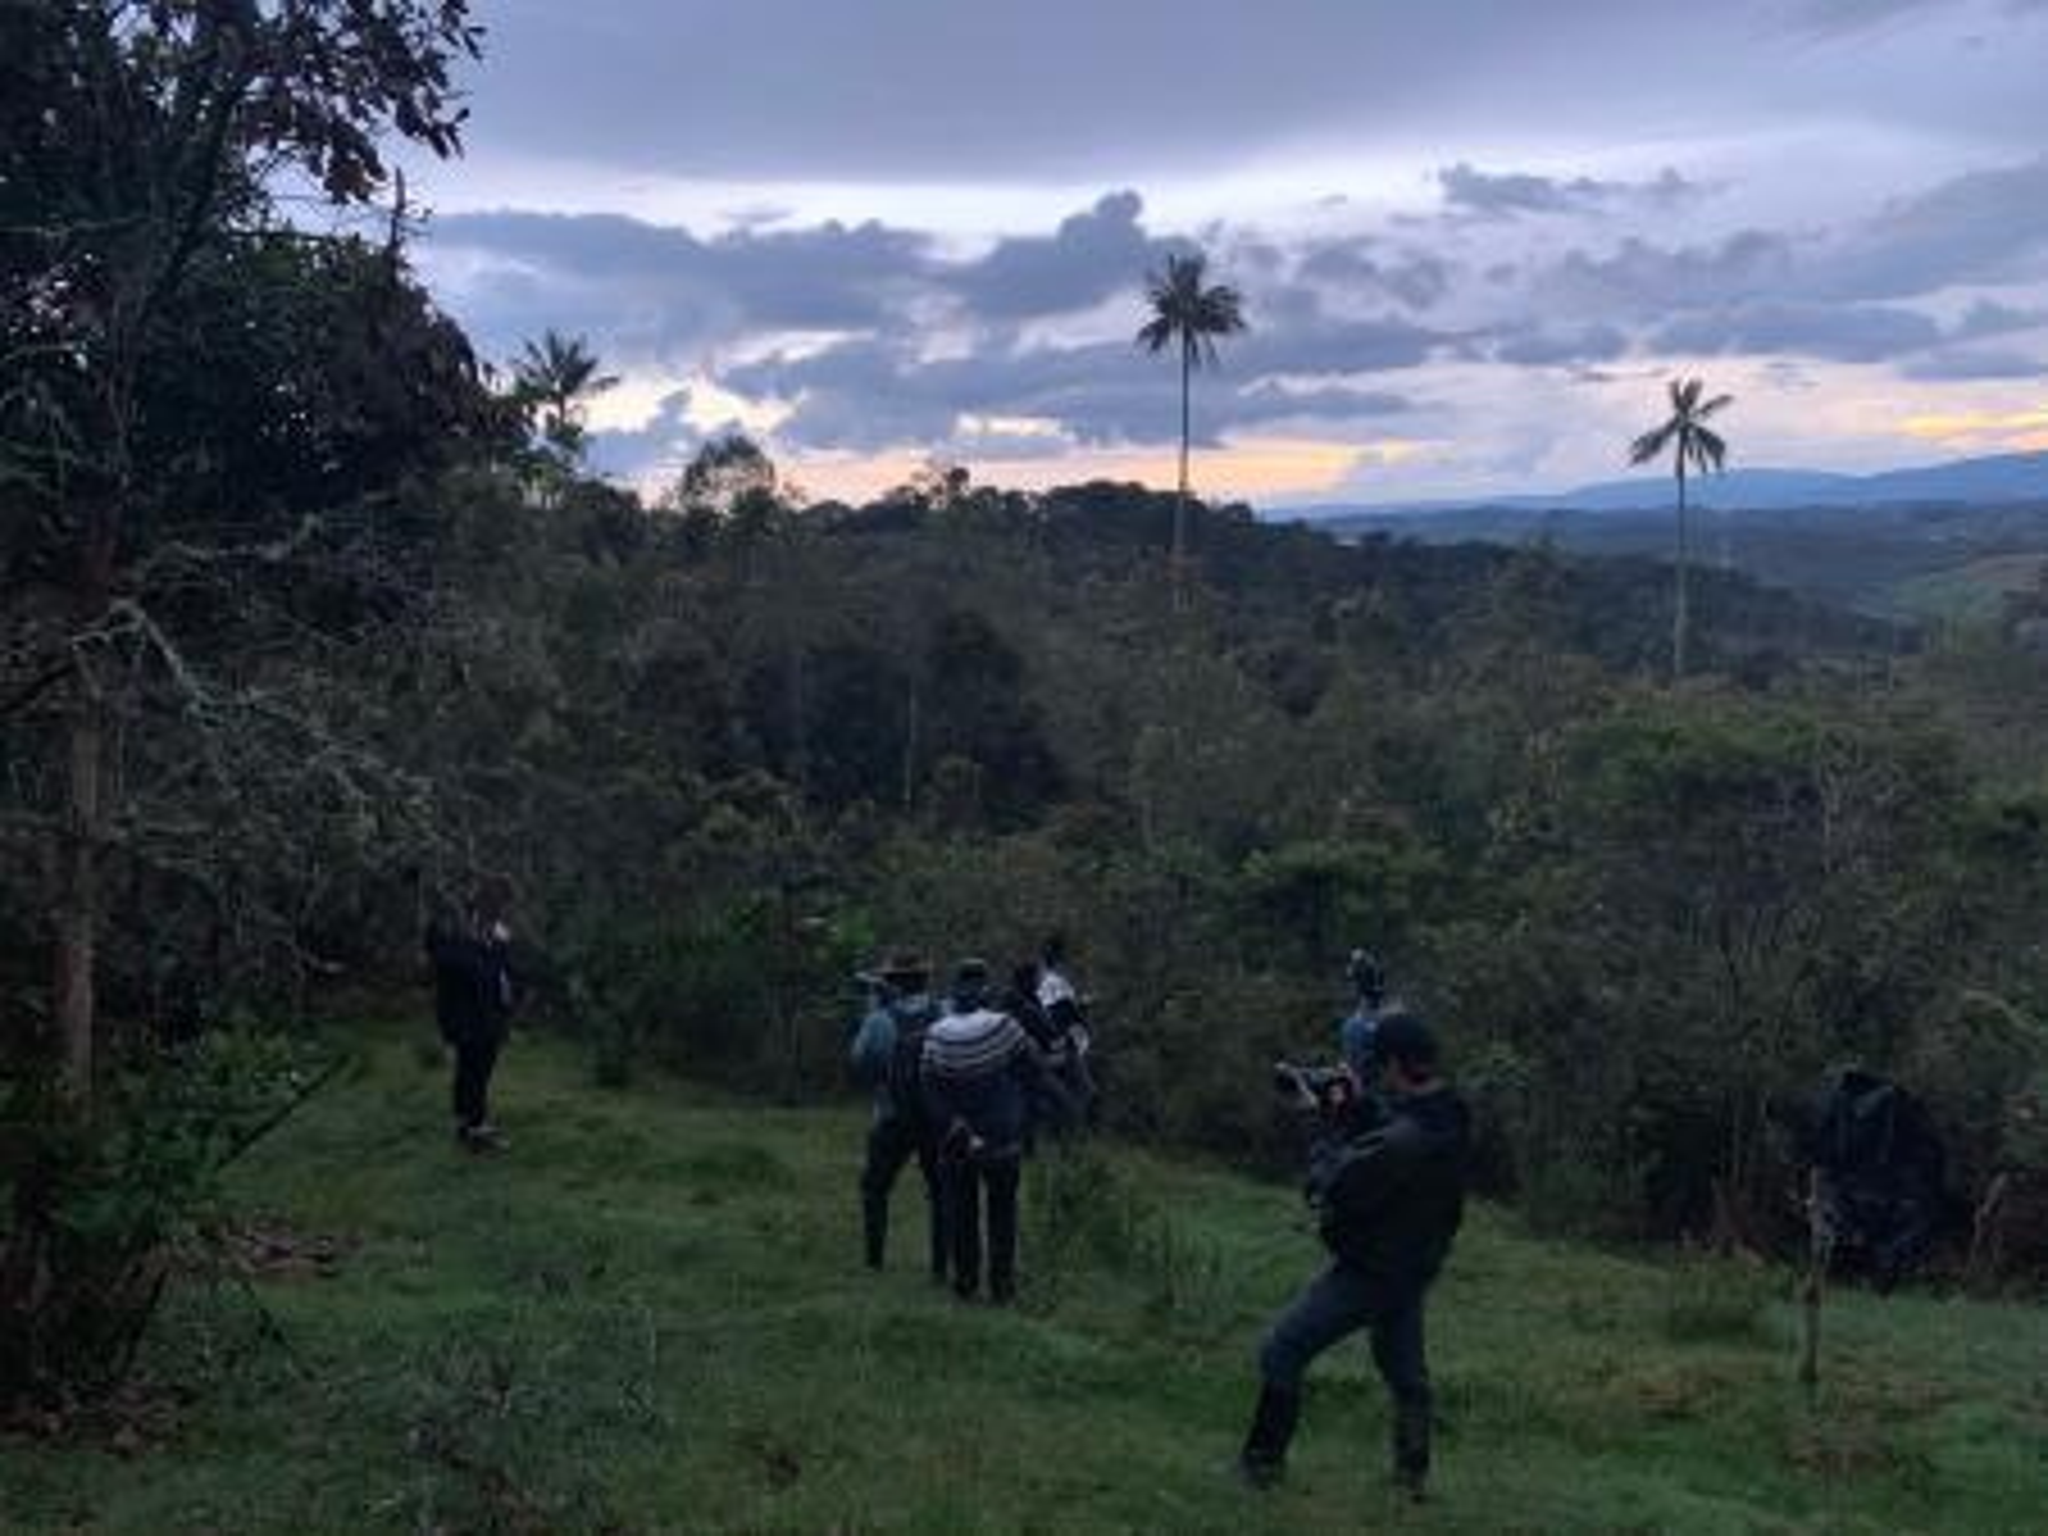 Observação de aves na Colômbia ao pôr do sol